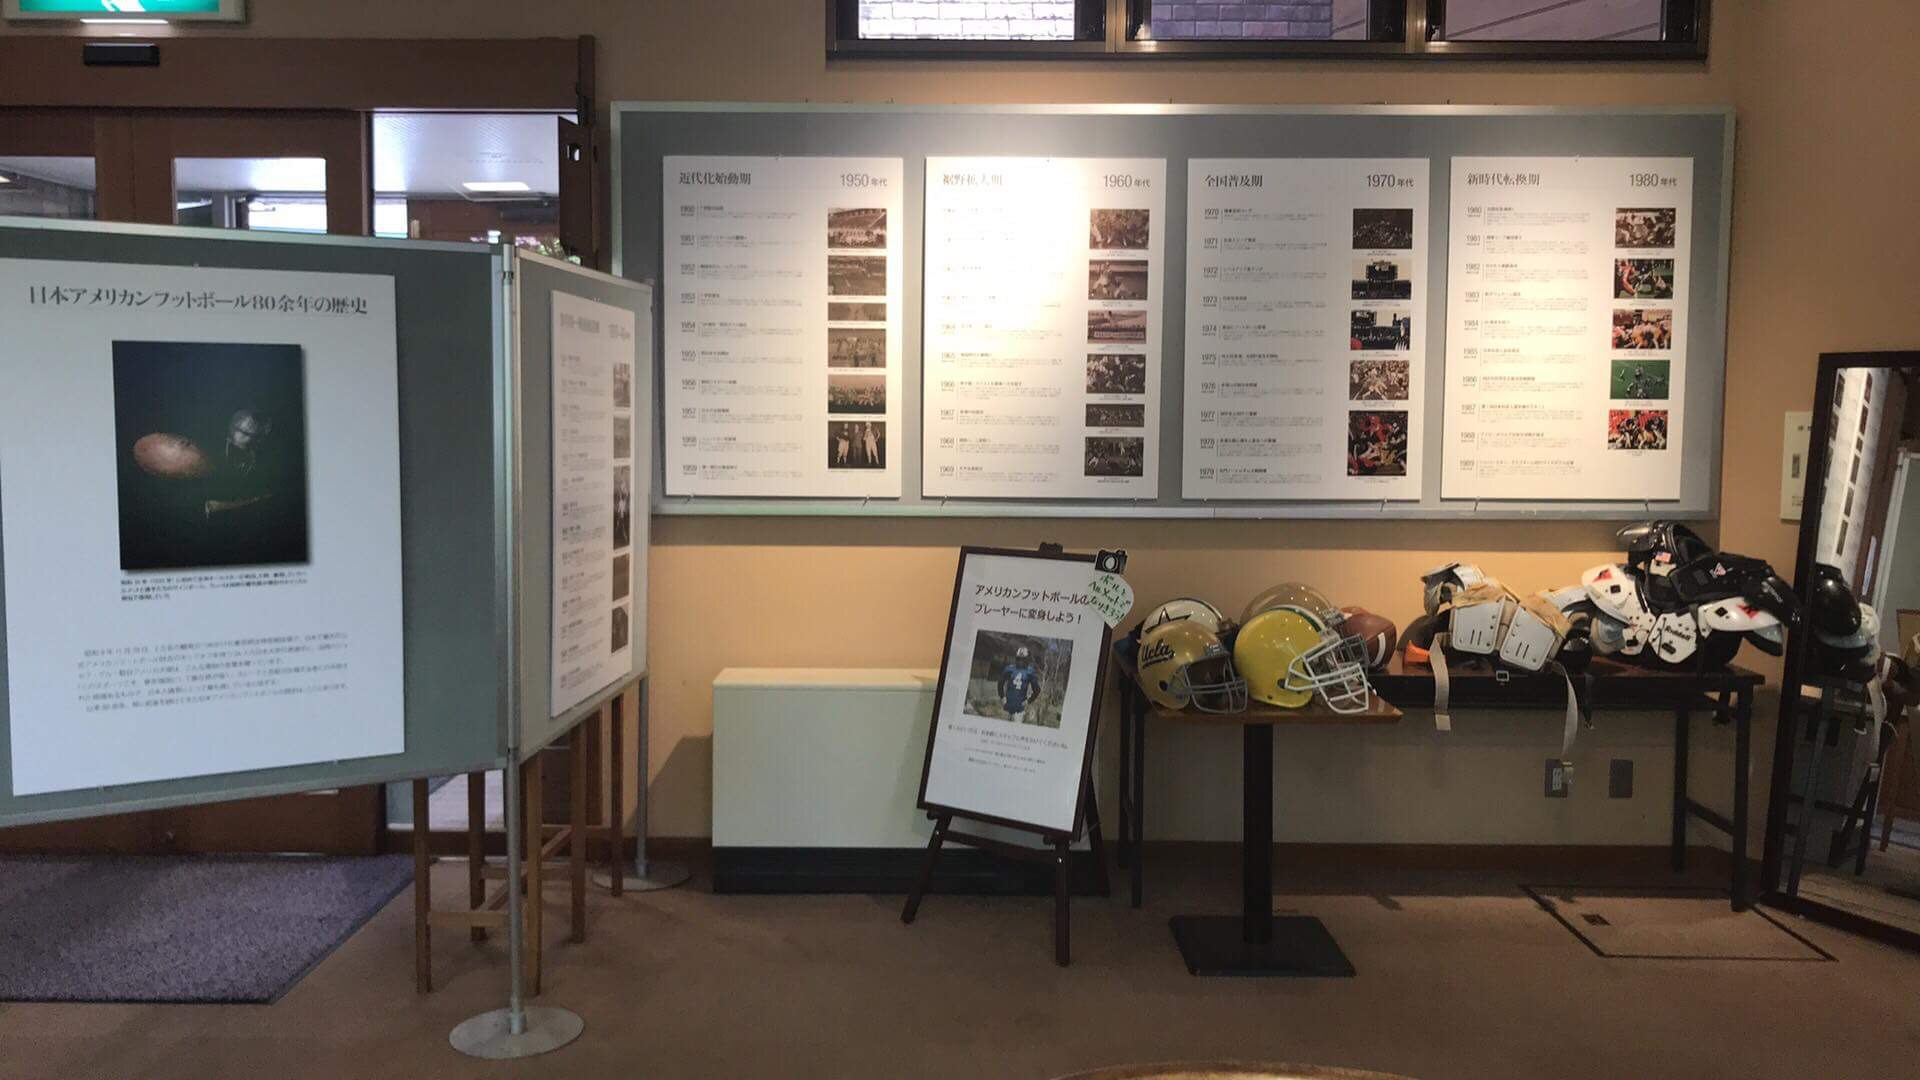 体験コーナーもある「日本のアメリカンフットボールのあゆみ展」=写真提供・ポール・ラッシュ記念館